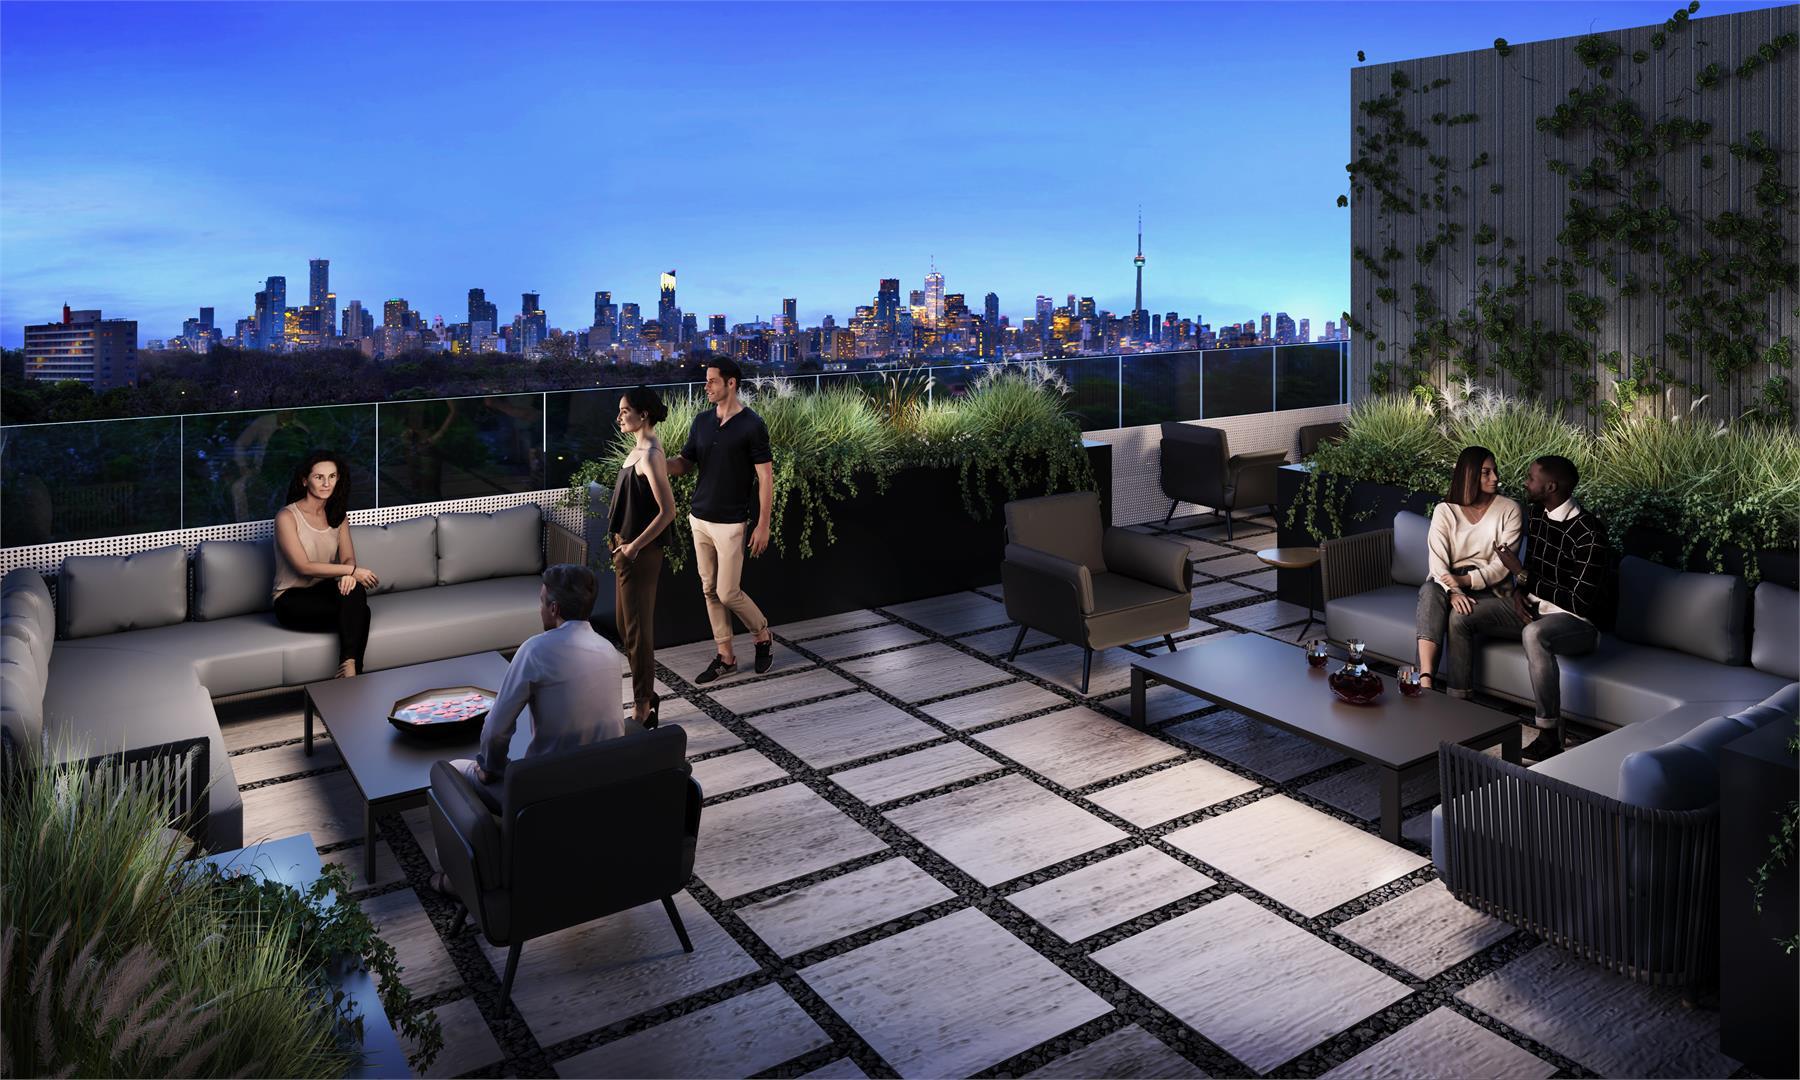 Monza_Rooftop